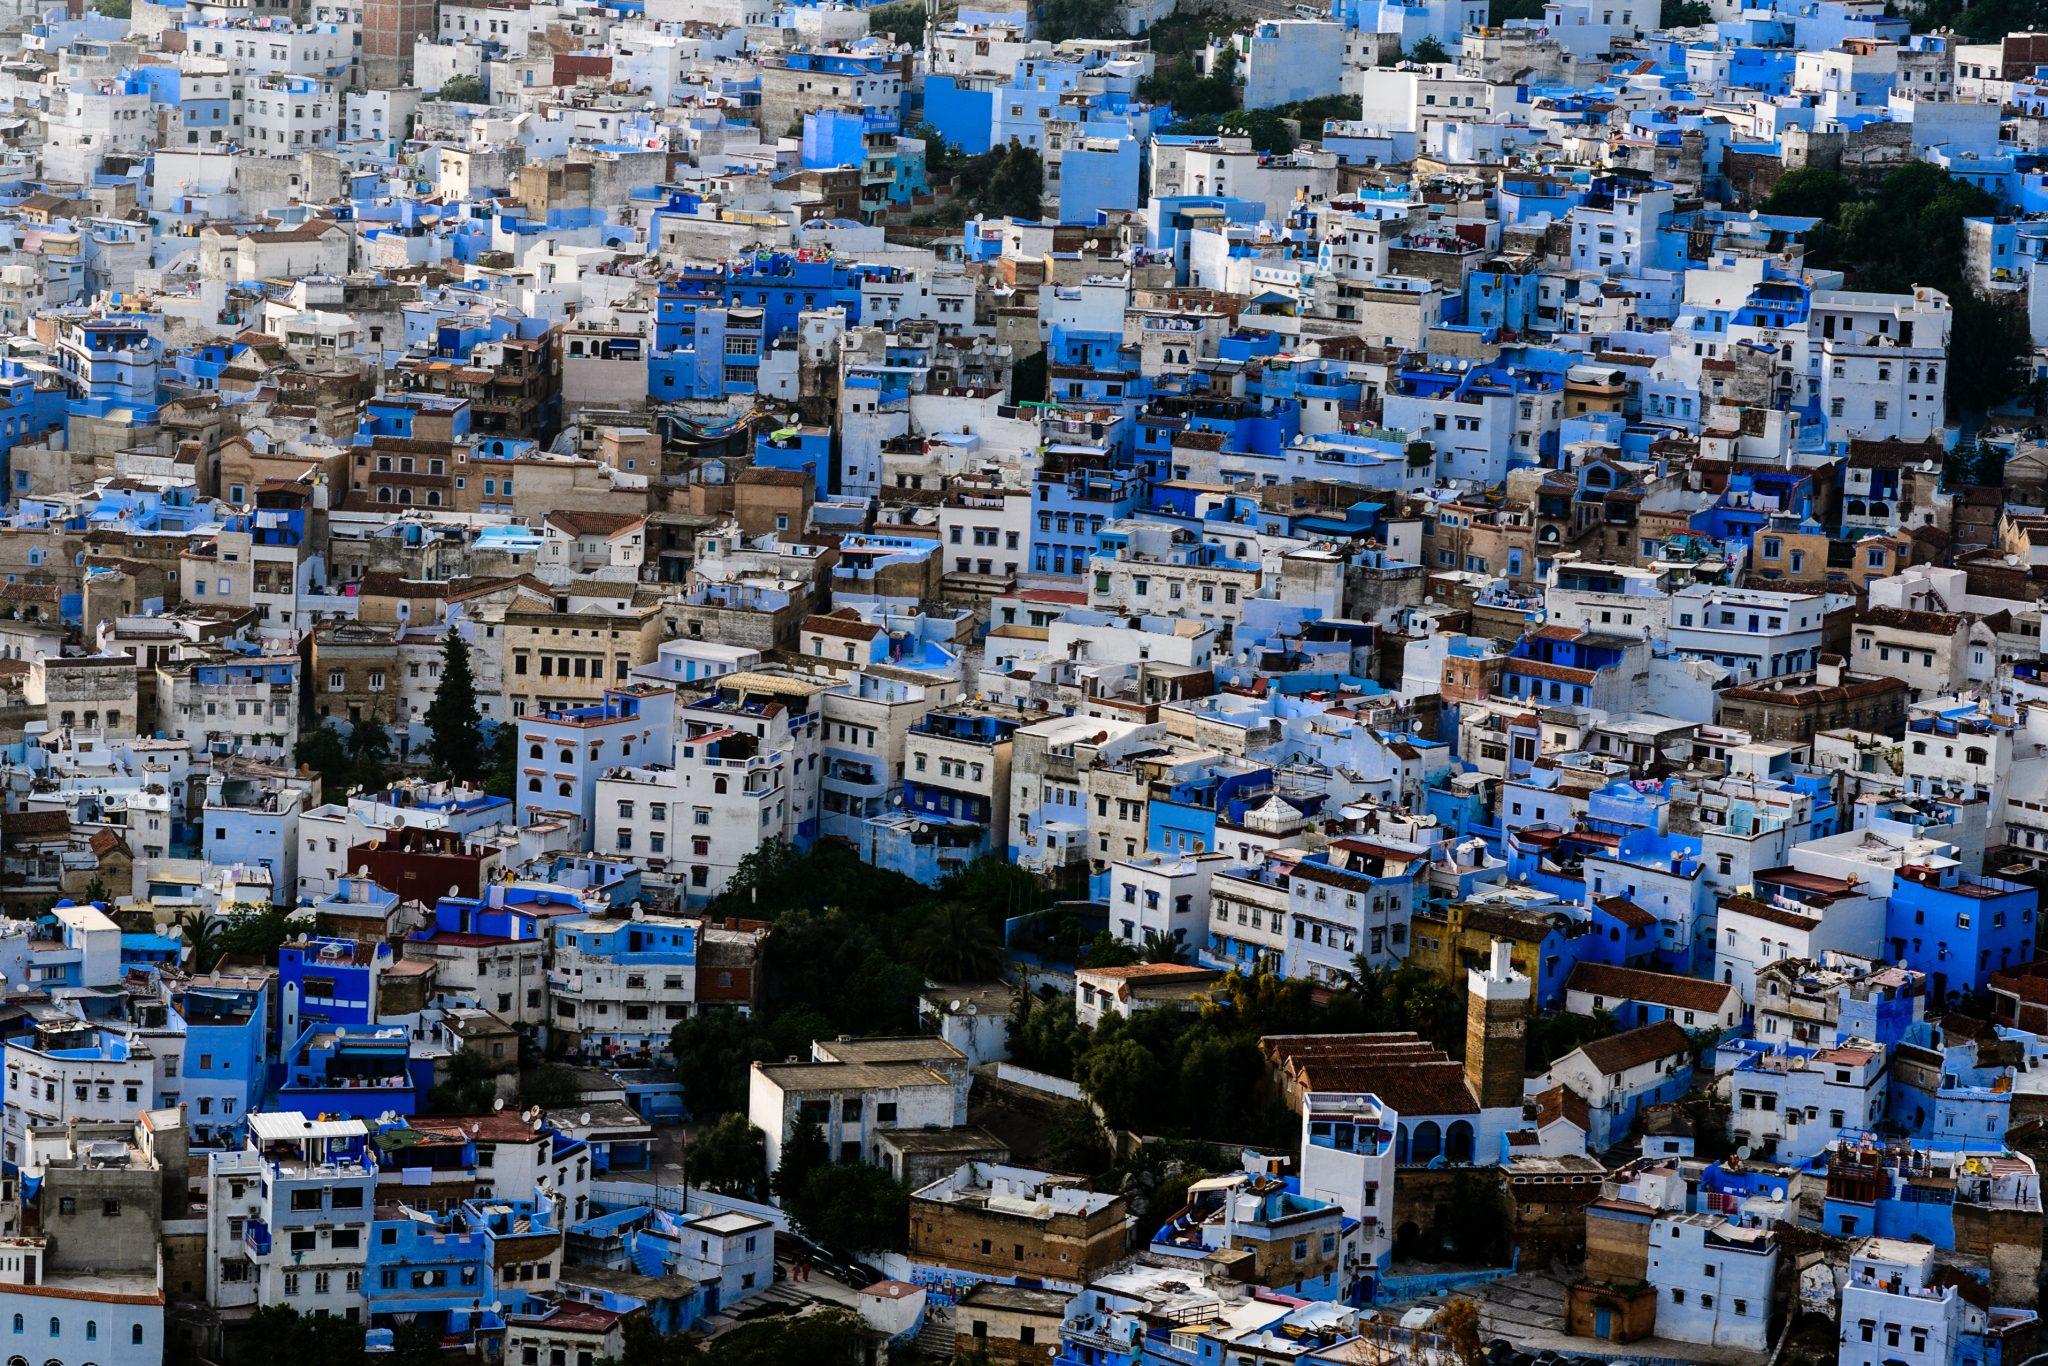 Morocco, Chefchouen, Cityscape